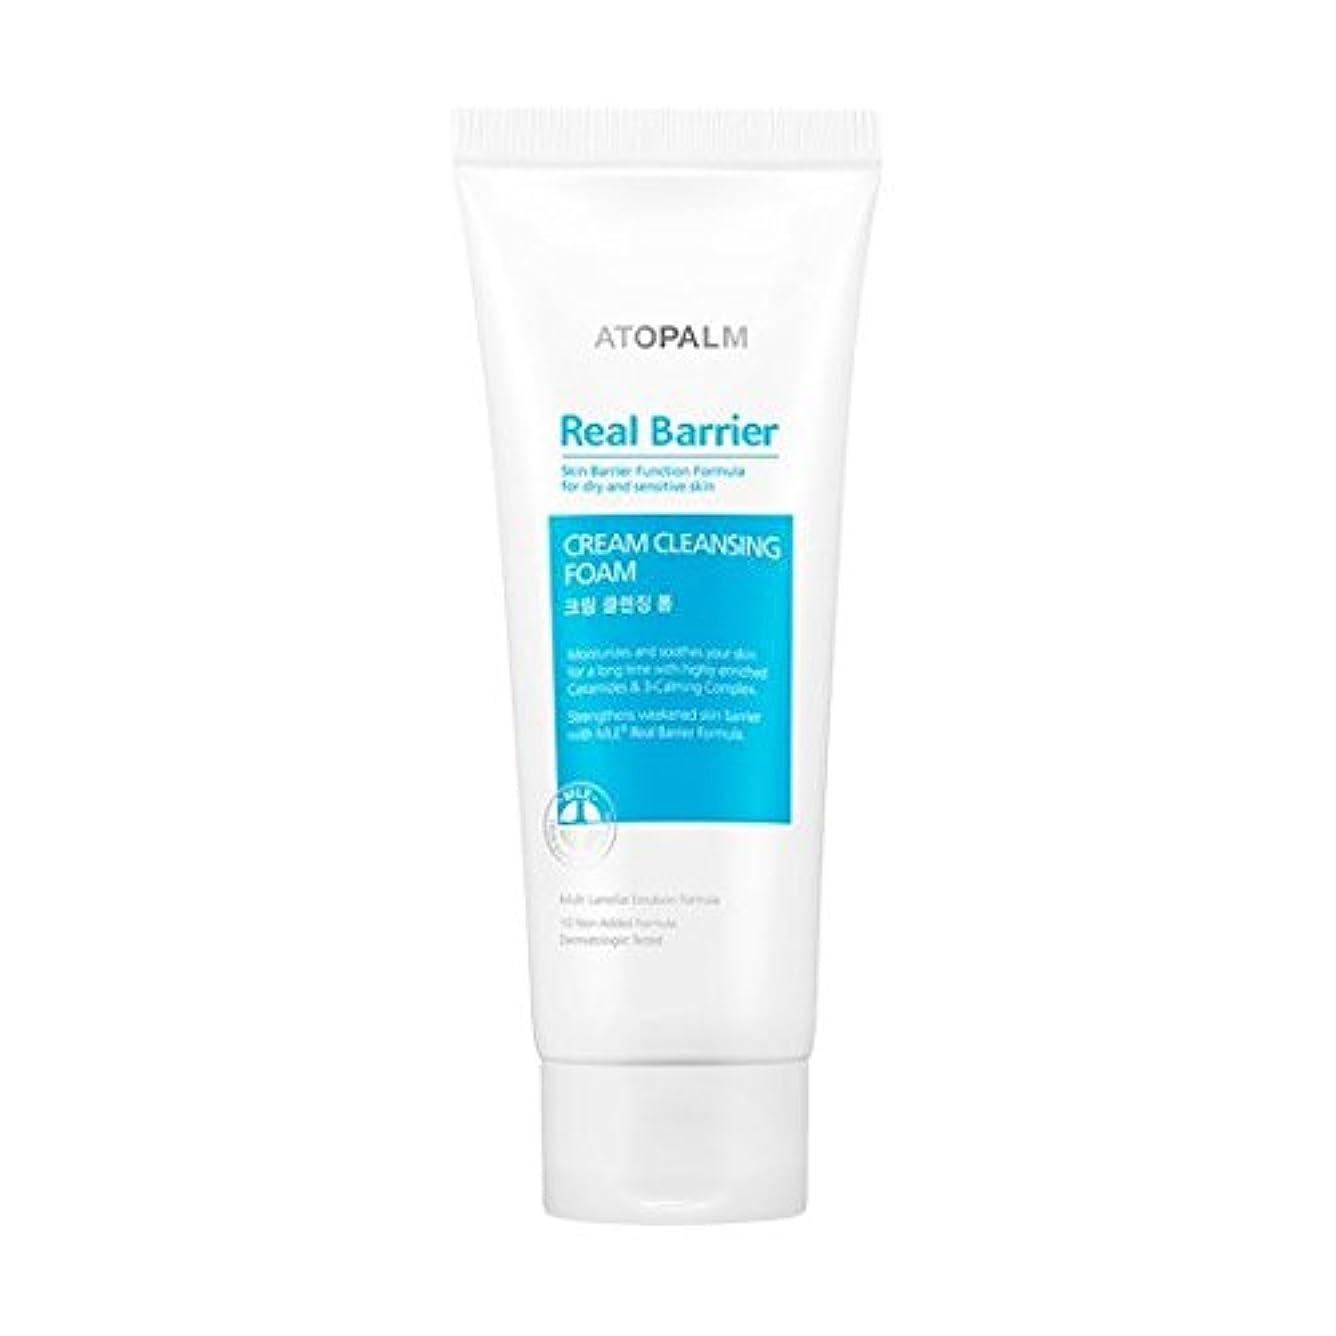 日常的にホット血[Atopalm (韓国コスメ アトパーム)] Real barrier cream cleansing foam (150g) リアルバリアクリームクレンジング?フォーム[並行輸入品][海外直送品]